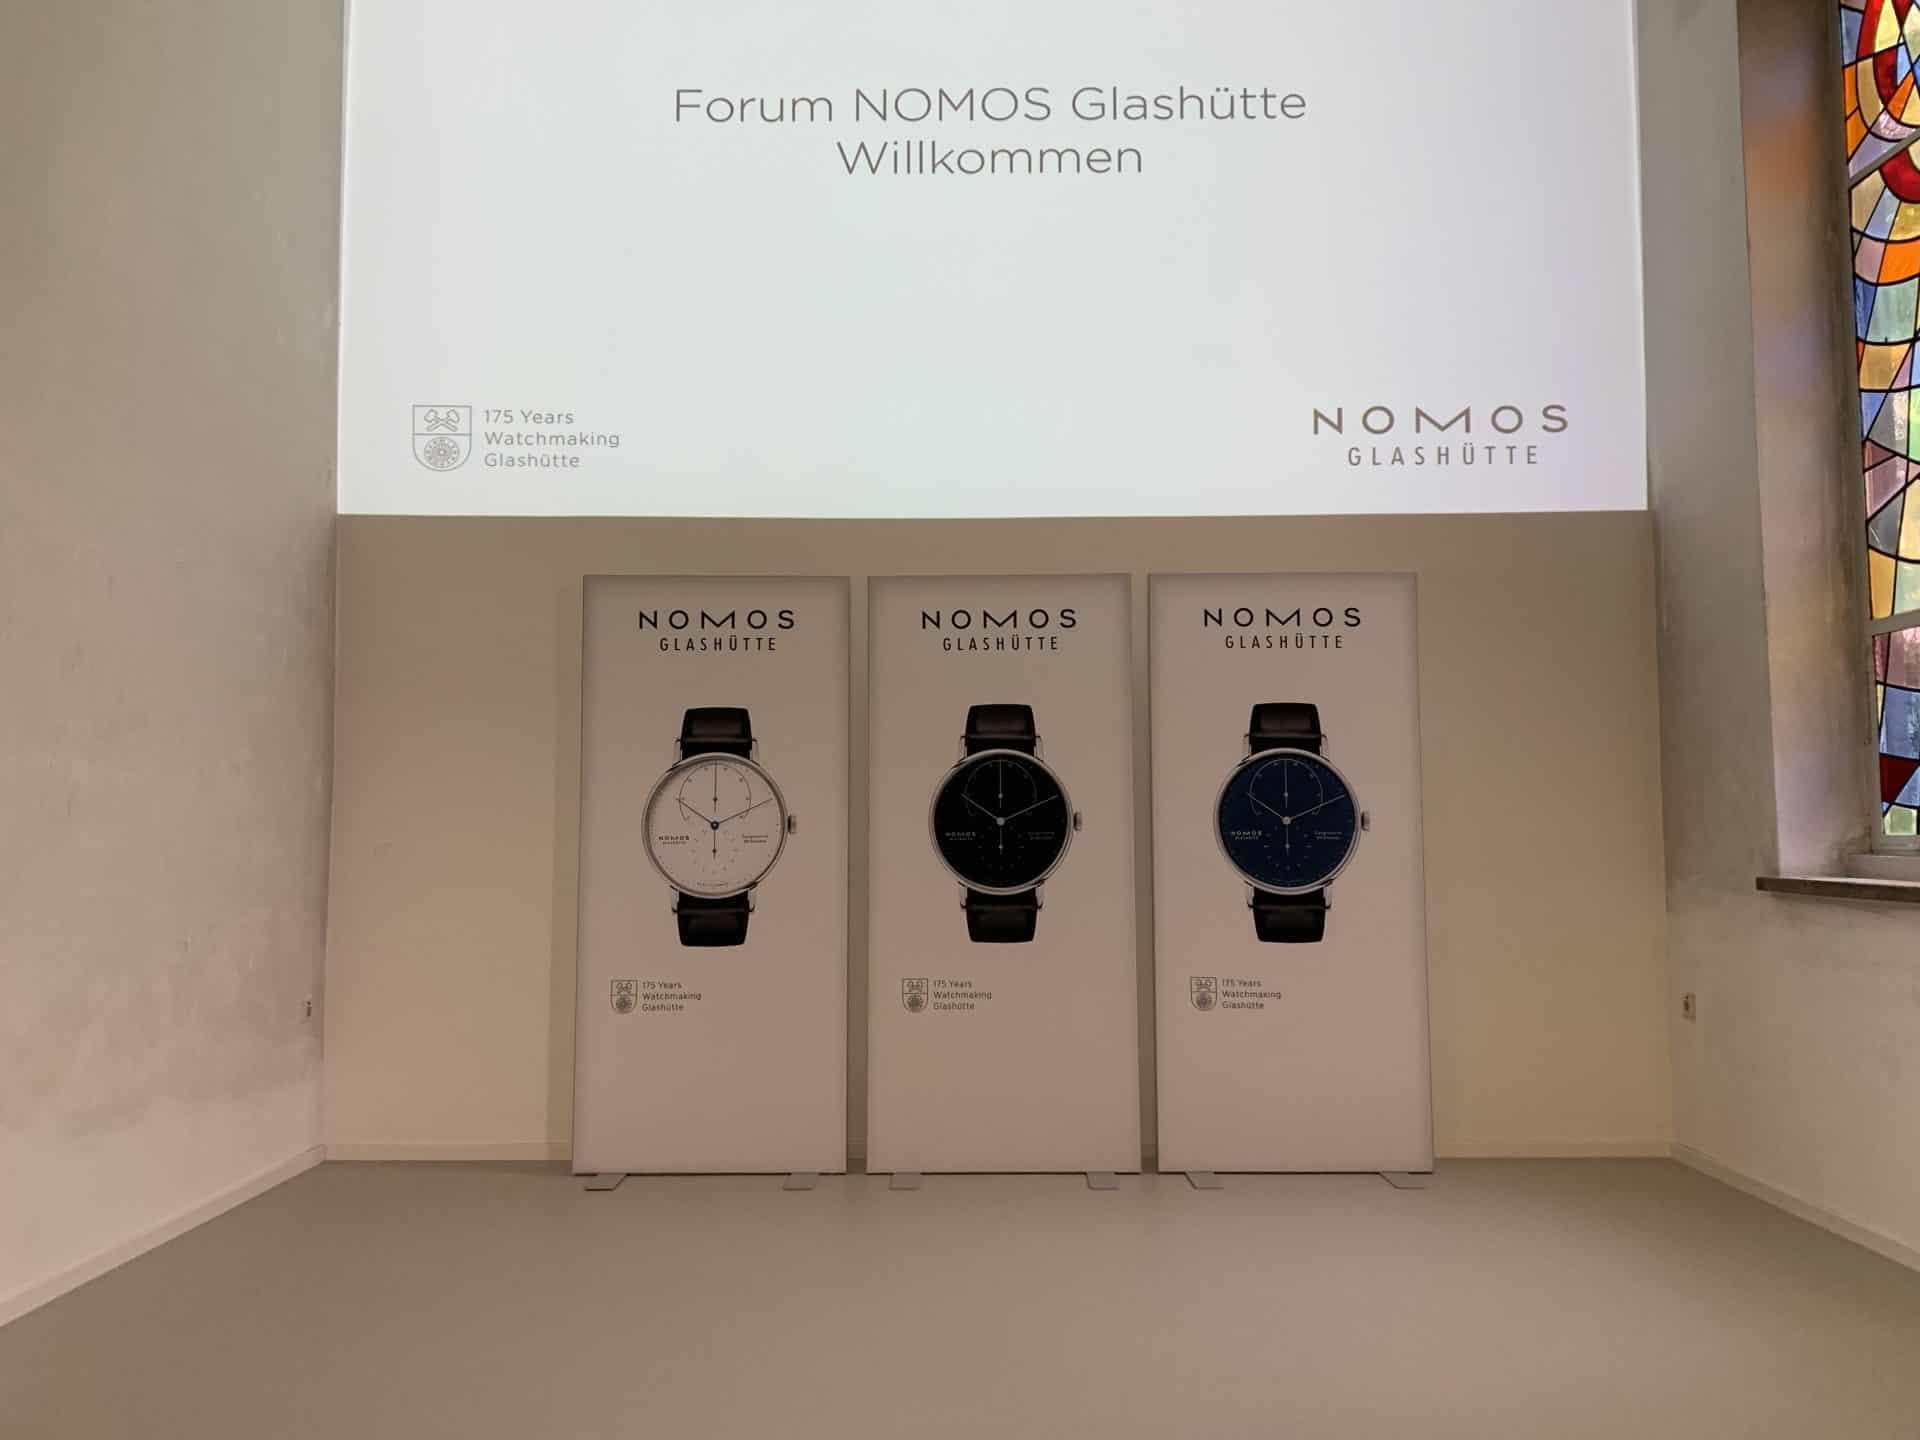 Die Vorstellung der neuen Nomos Glashütte Lamda im neueröffneten Nomos Forum